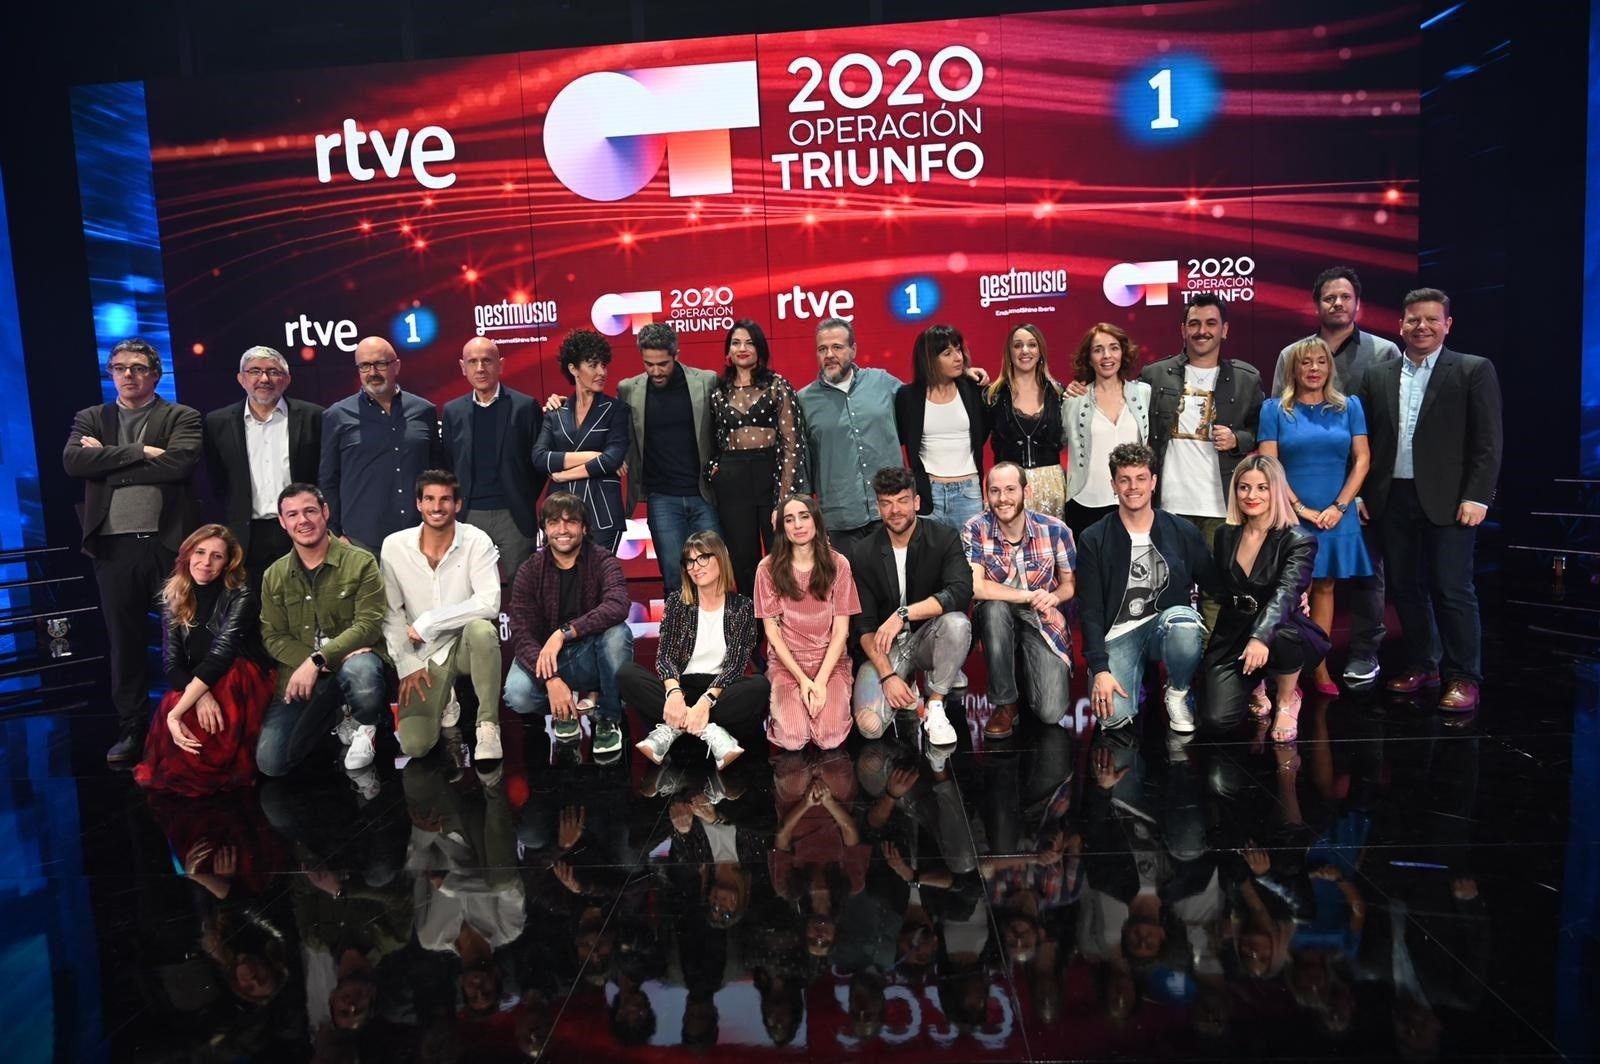 Operacion Triunfo 1 Video Porno De Un Concursante todas las polémicas que envuelven 'operación triunfo' 2020